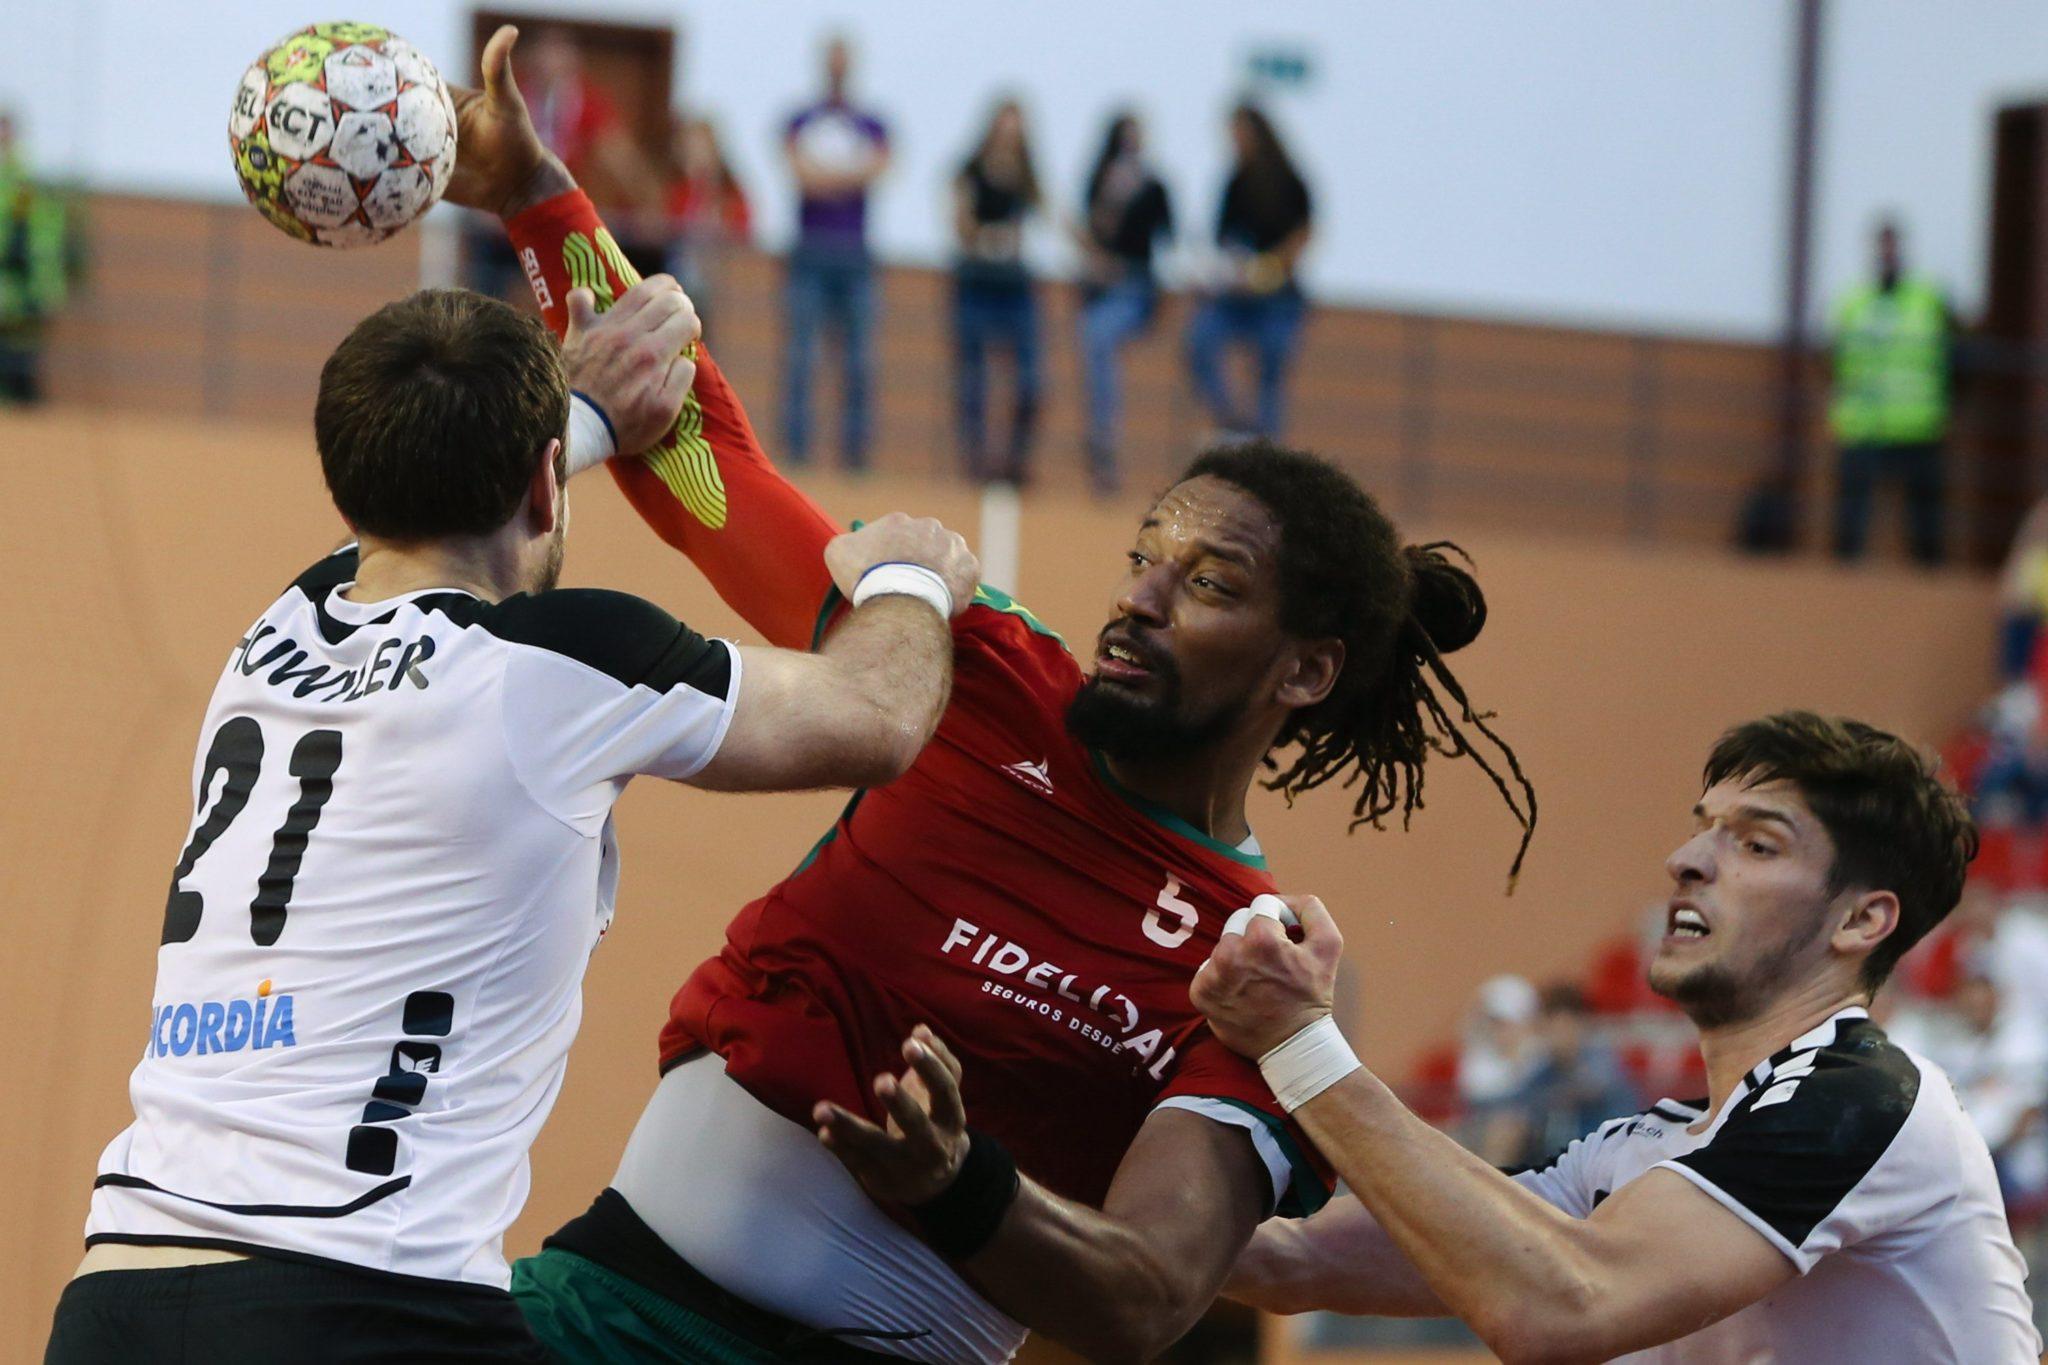 Portugalia: kwalifikacje do Mistrzostw Europy w Piłce Ręcznej. Mecz Porugalia-Szwajcaria w Louela (foto. PAP/PAP/Leszek Szymański)